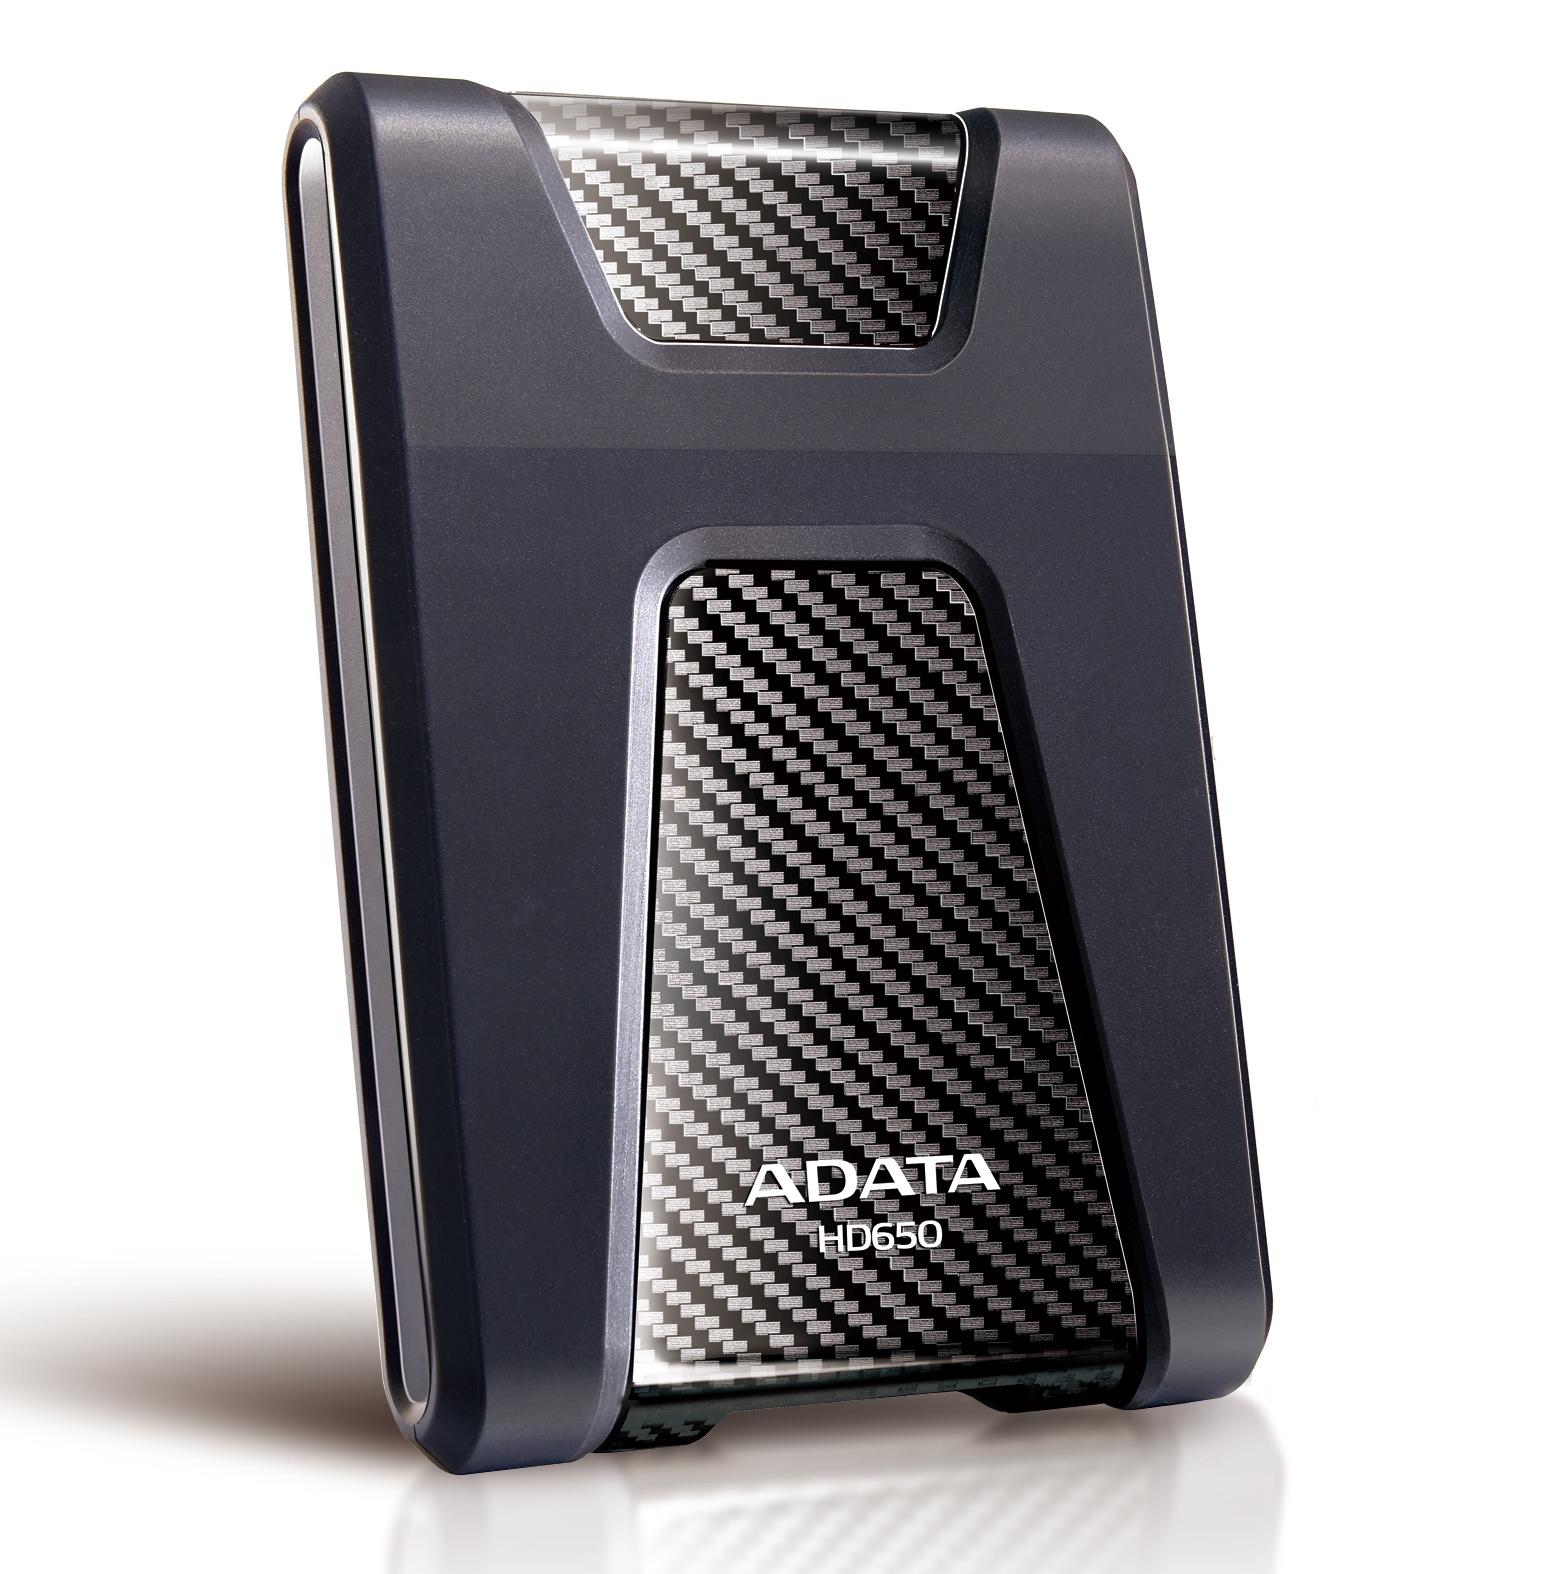 """ADATA Externí HDD 2TB 2,5"""" USB 3.0 DashDrive Durable HD650, černý (gumový, nárazu odolný)"""